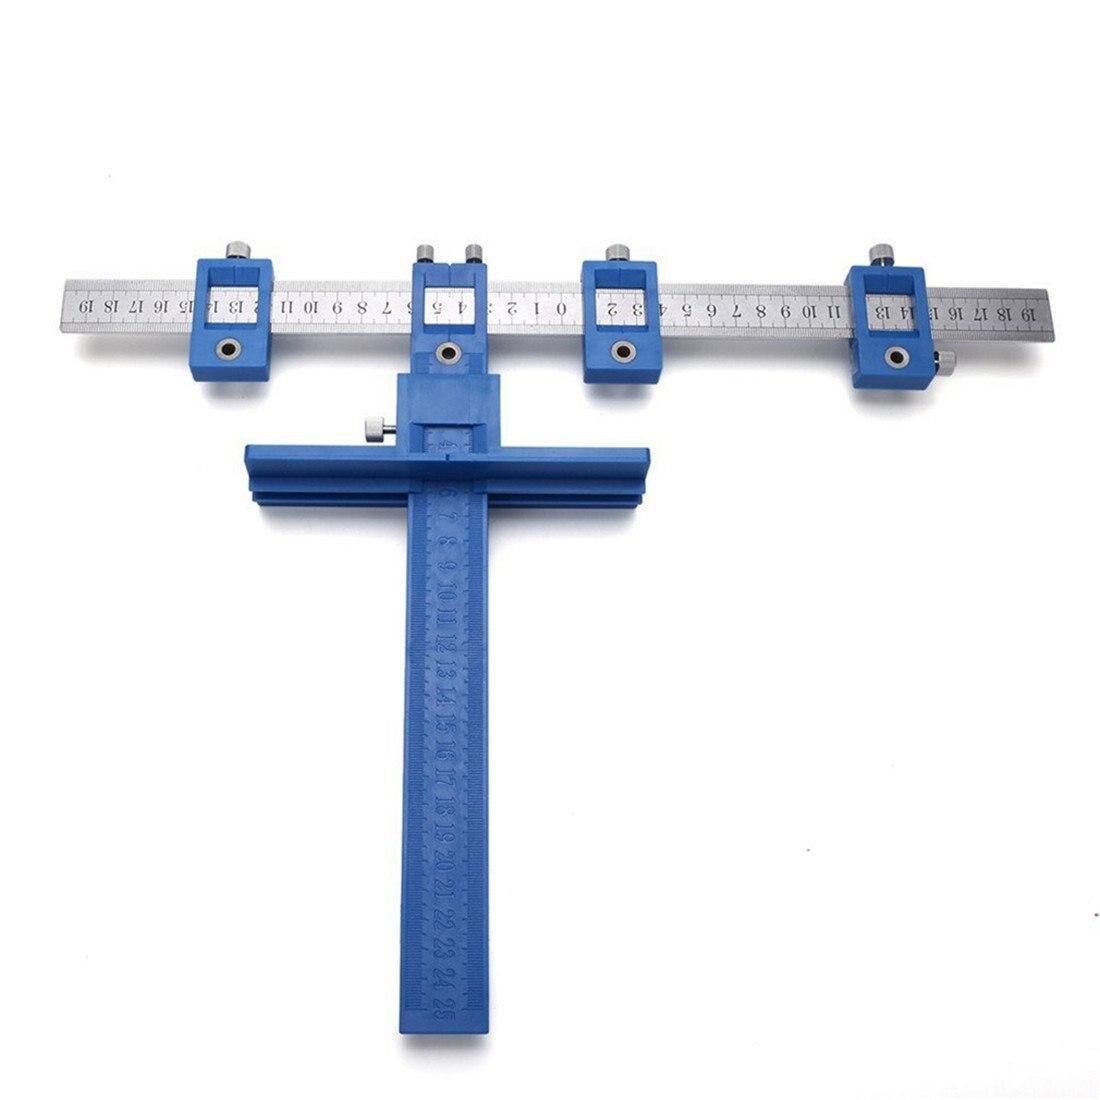 Schrank Hardware Jig Wahre Position Werkzeug Schnellste Und Genaue Knob & Pull Jig Holz Bohren Dowelling Loch Sah Master syst